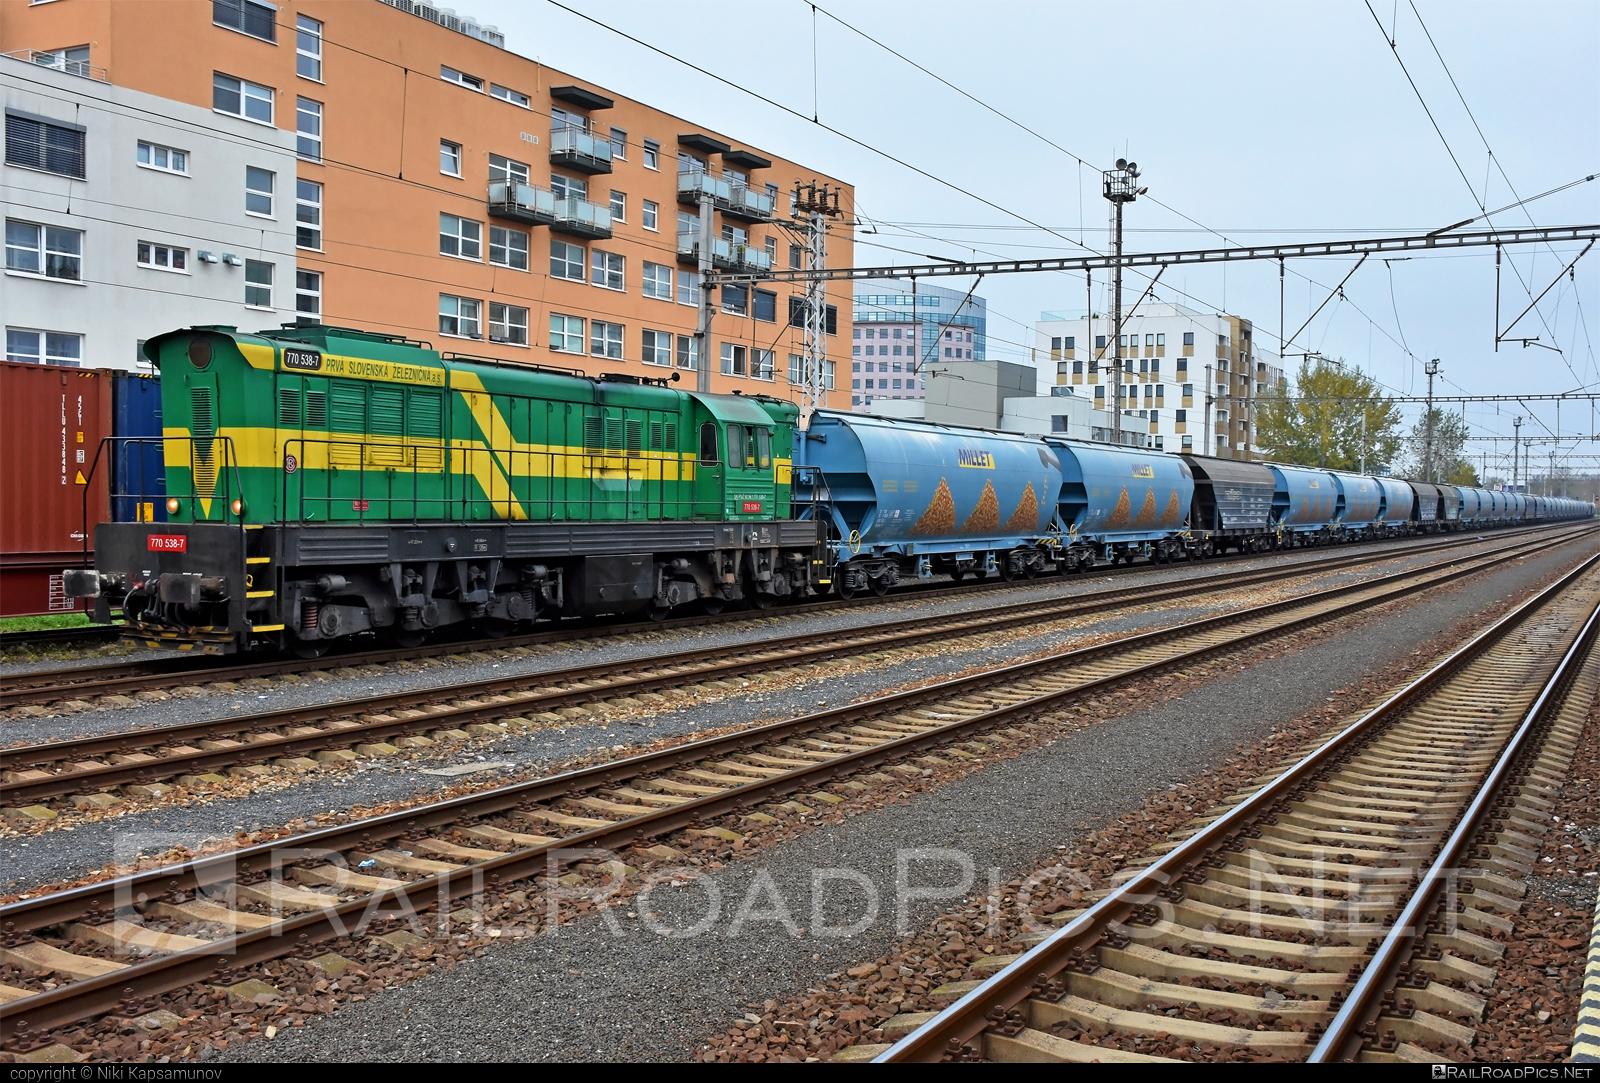 ČKD T 669.0 (770) - 770 538-7 operated by Prvá Slovenská železničná, a.s. #ckd #ckd6690 #ckd770 #ckdt6690 #cmeliak #hopperwagon #millet #prvaslovenskazeleznicna #prvaslovenskazeleznicnaas #psz #tagnpps